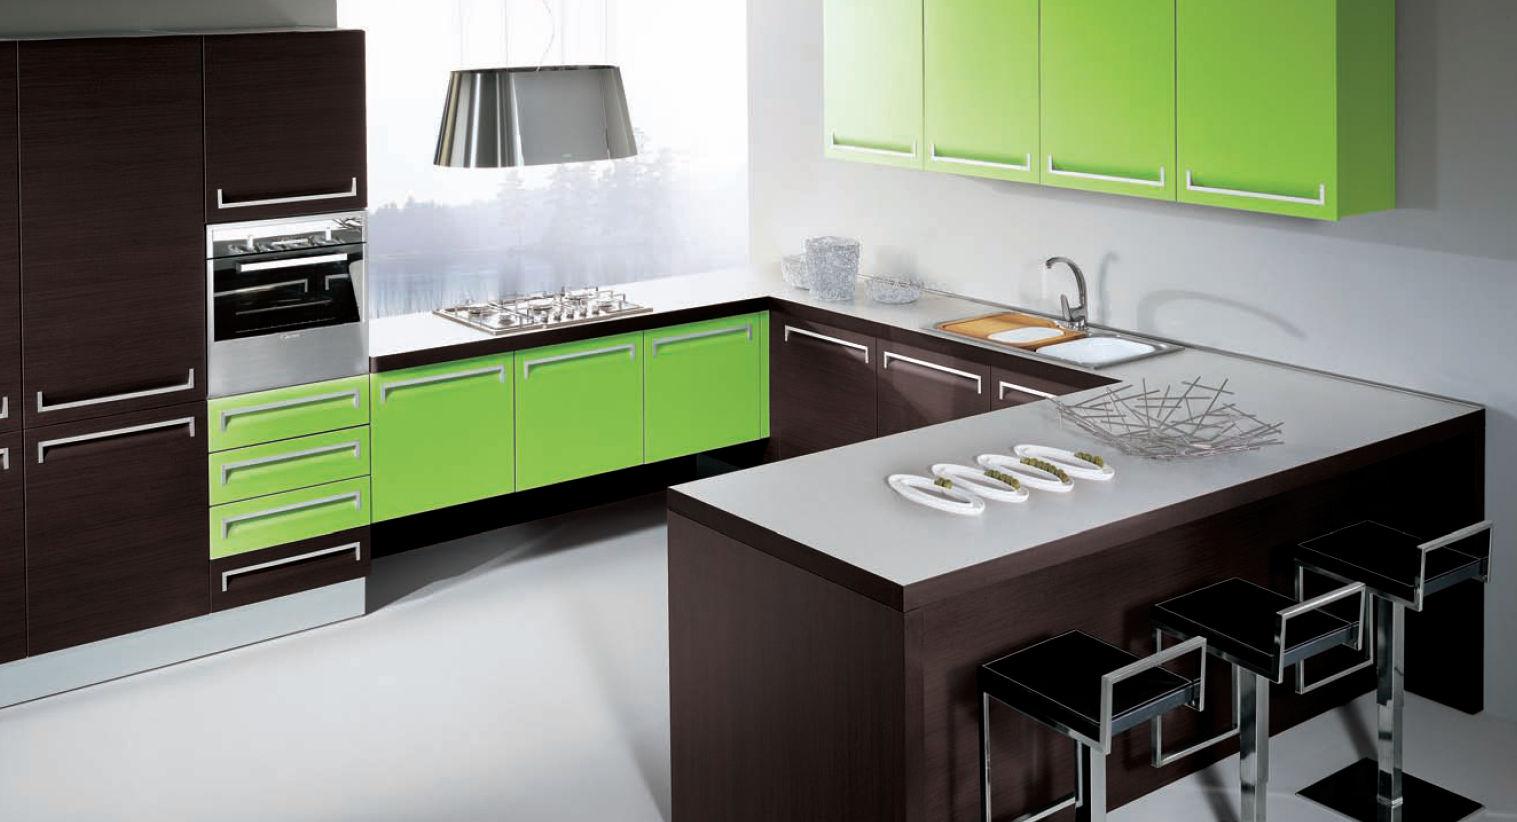 Fotos de cocinas modernas - Cocinas espectaculares modernas ...